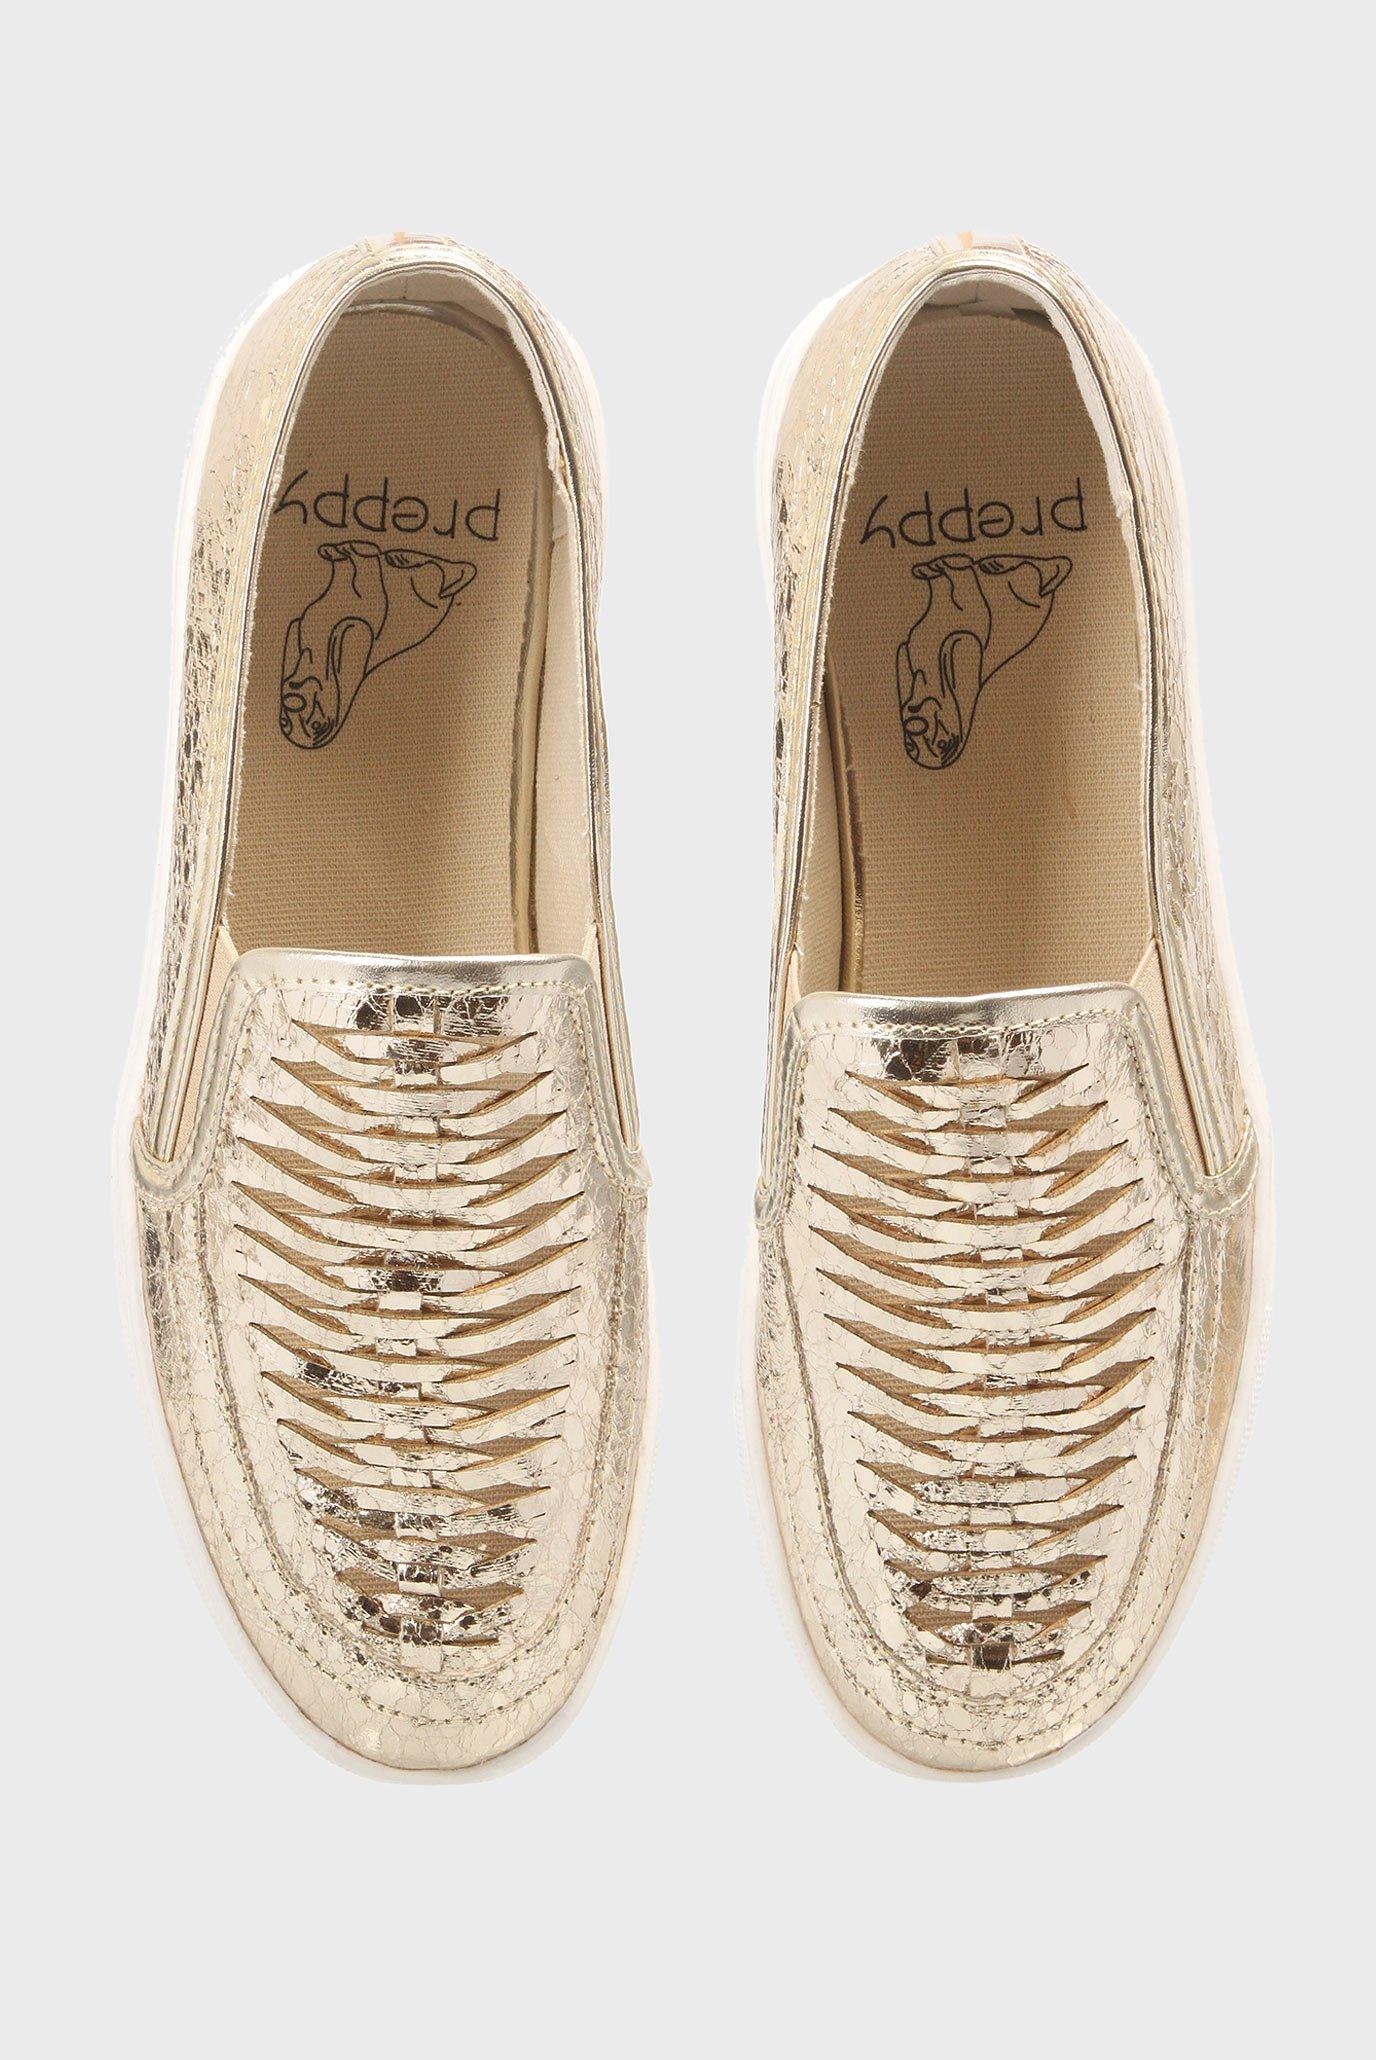 Купить Женские золотистые слипоны с плетением Preppy Preppy 905716 – Киев, Украина. Цены в интернет магазине MD Fashion